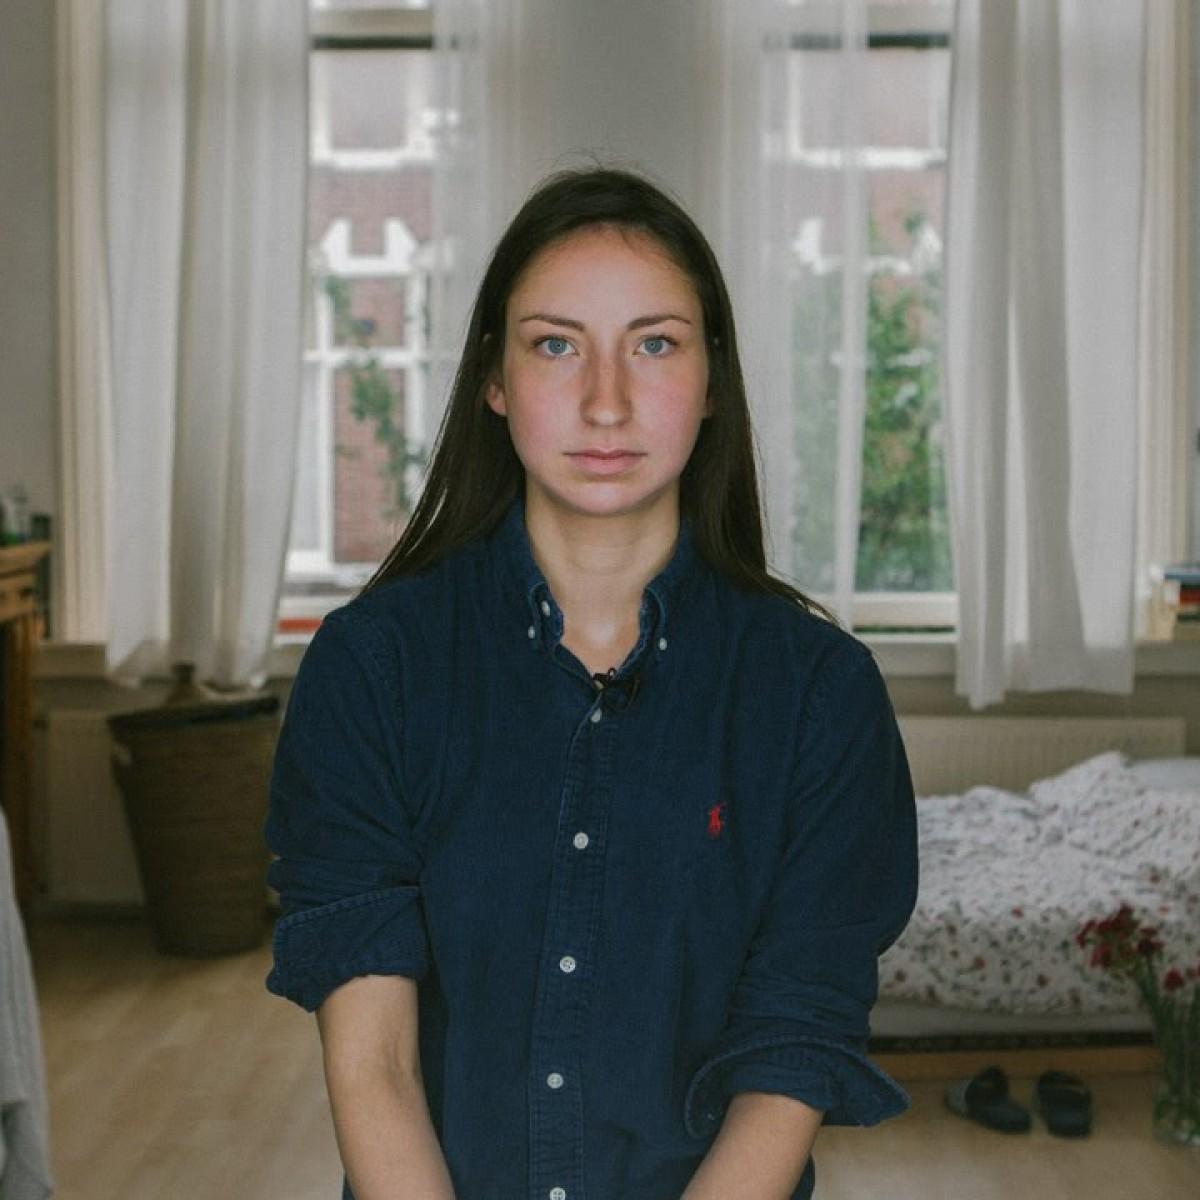 Verena Blok